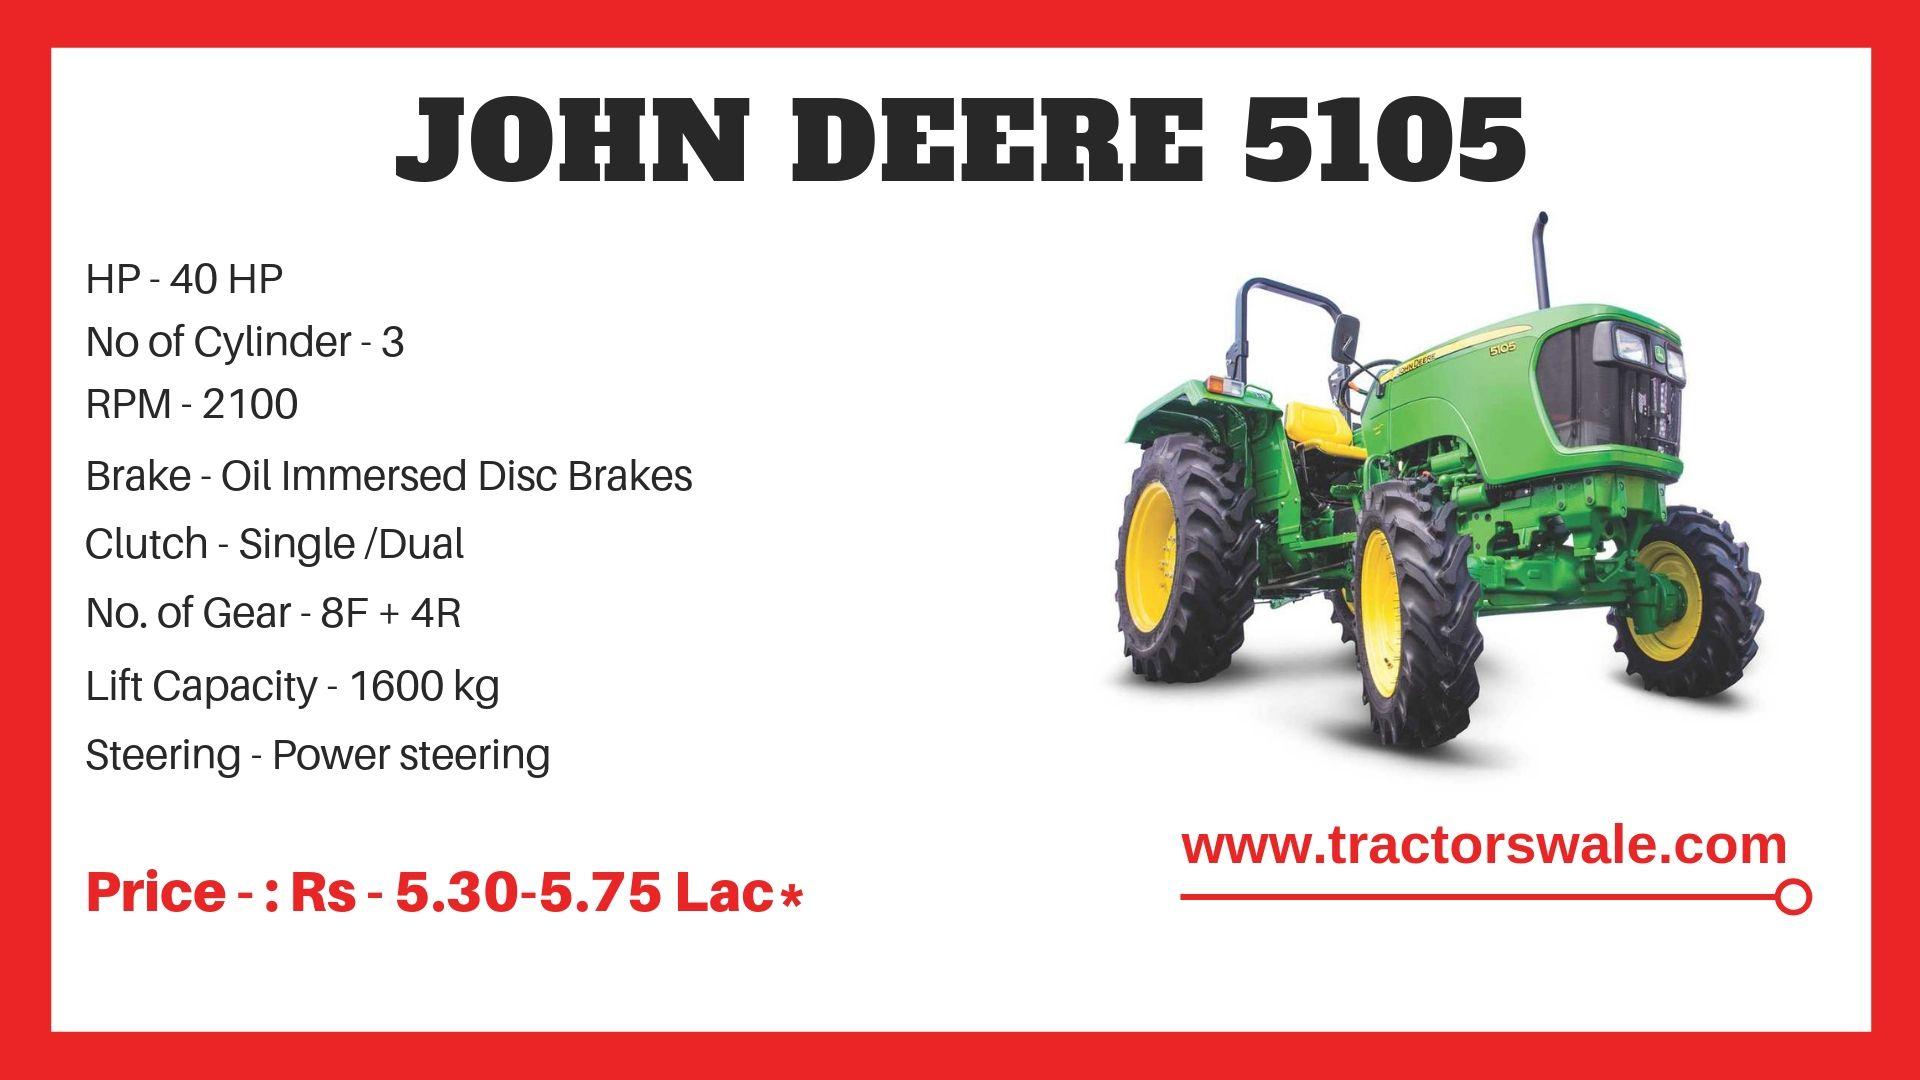 John Deere 5105 Tractor Specifications